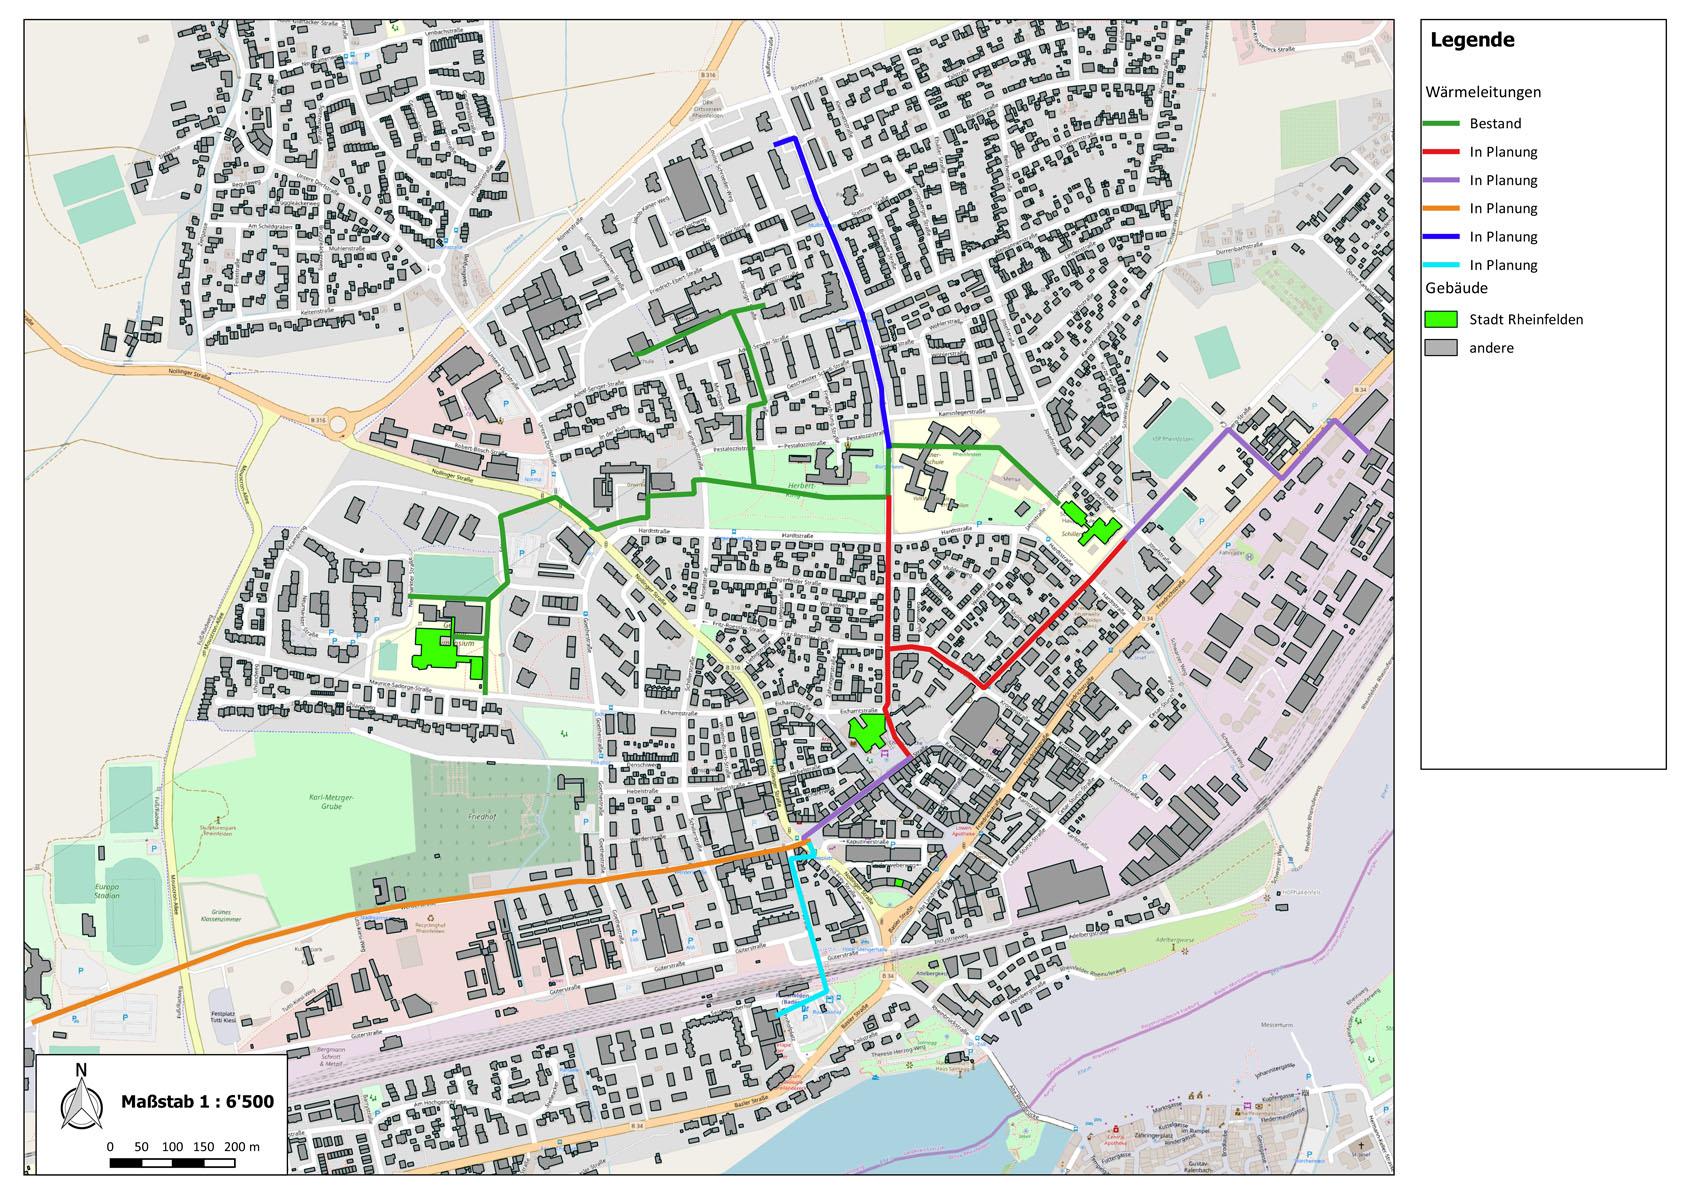 Übersichtskarte über das bestehende und geplante Wärmenetz